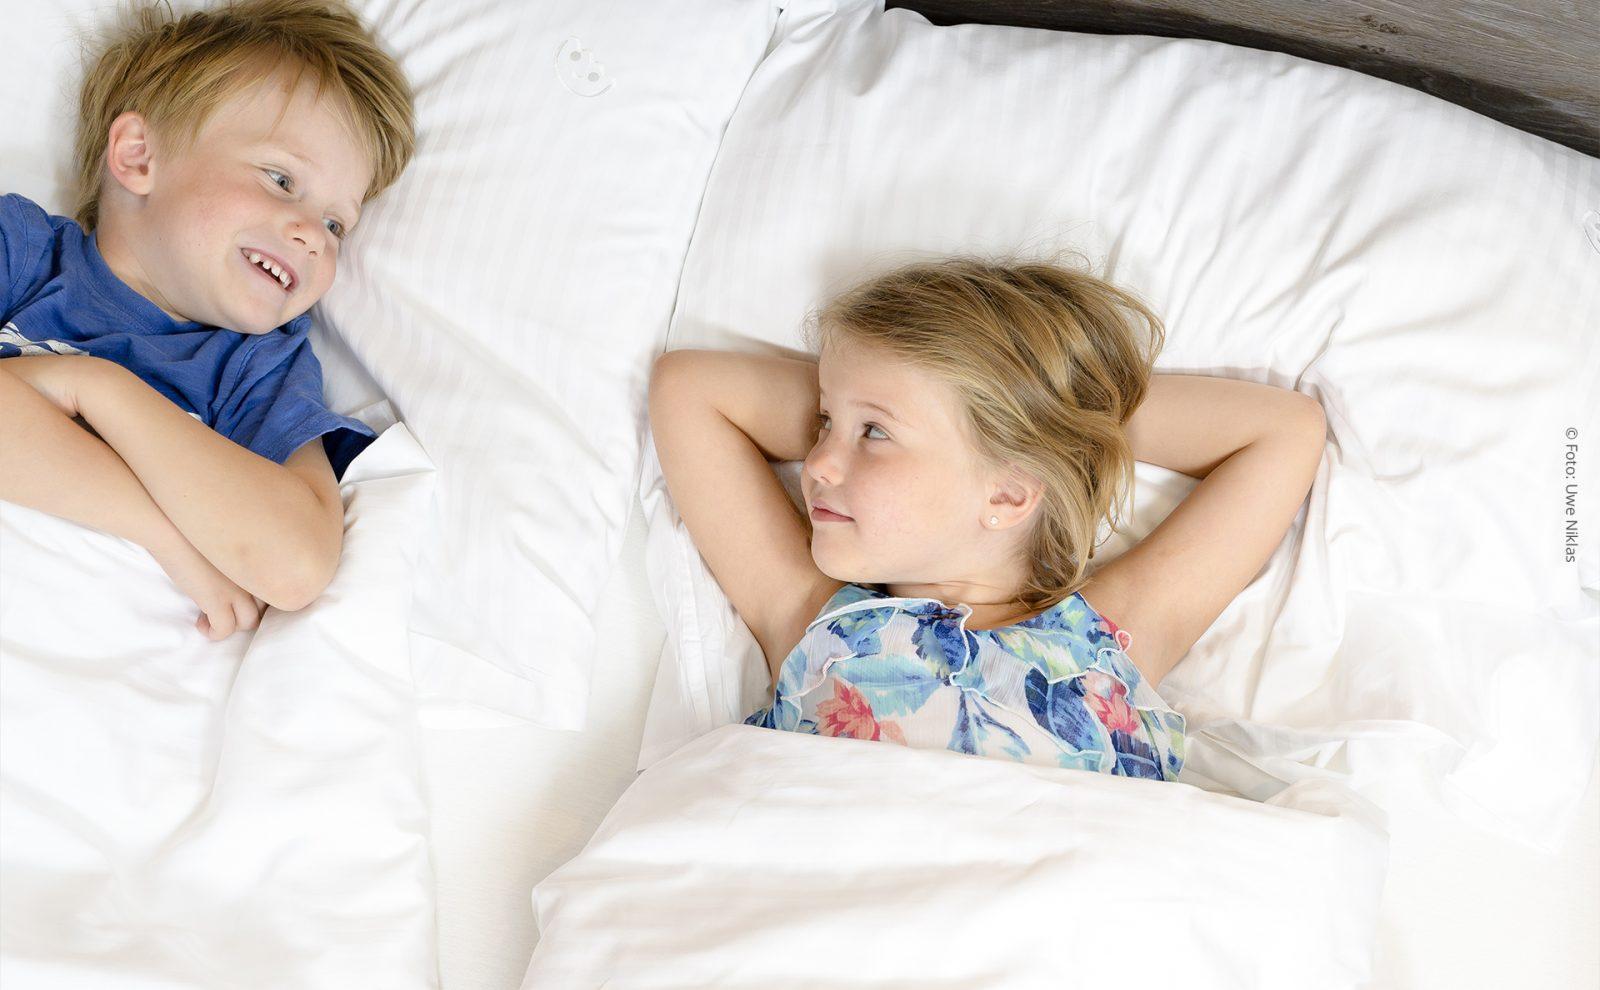 Geschwister Bett